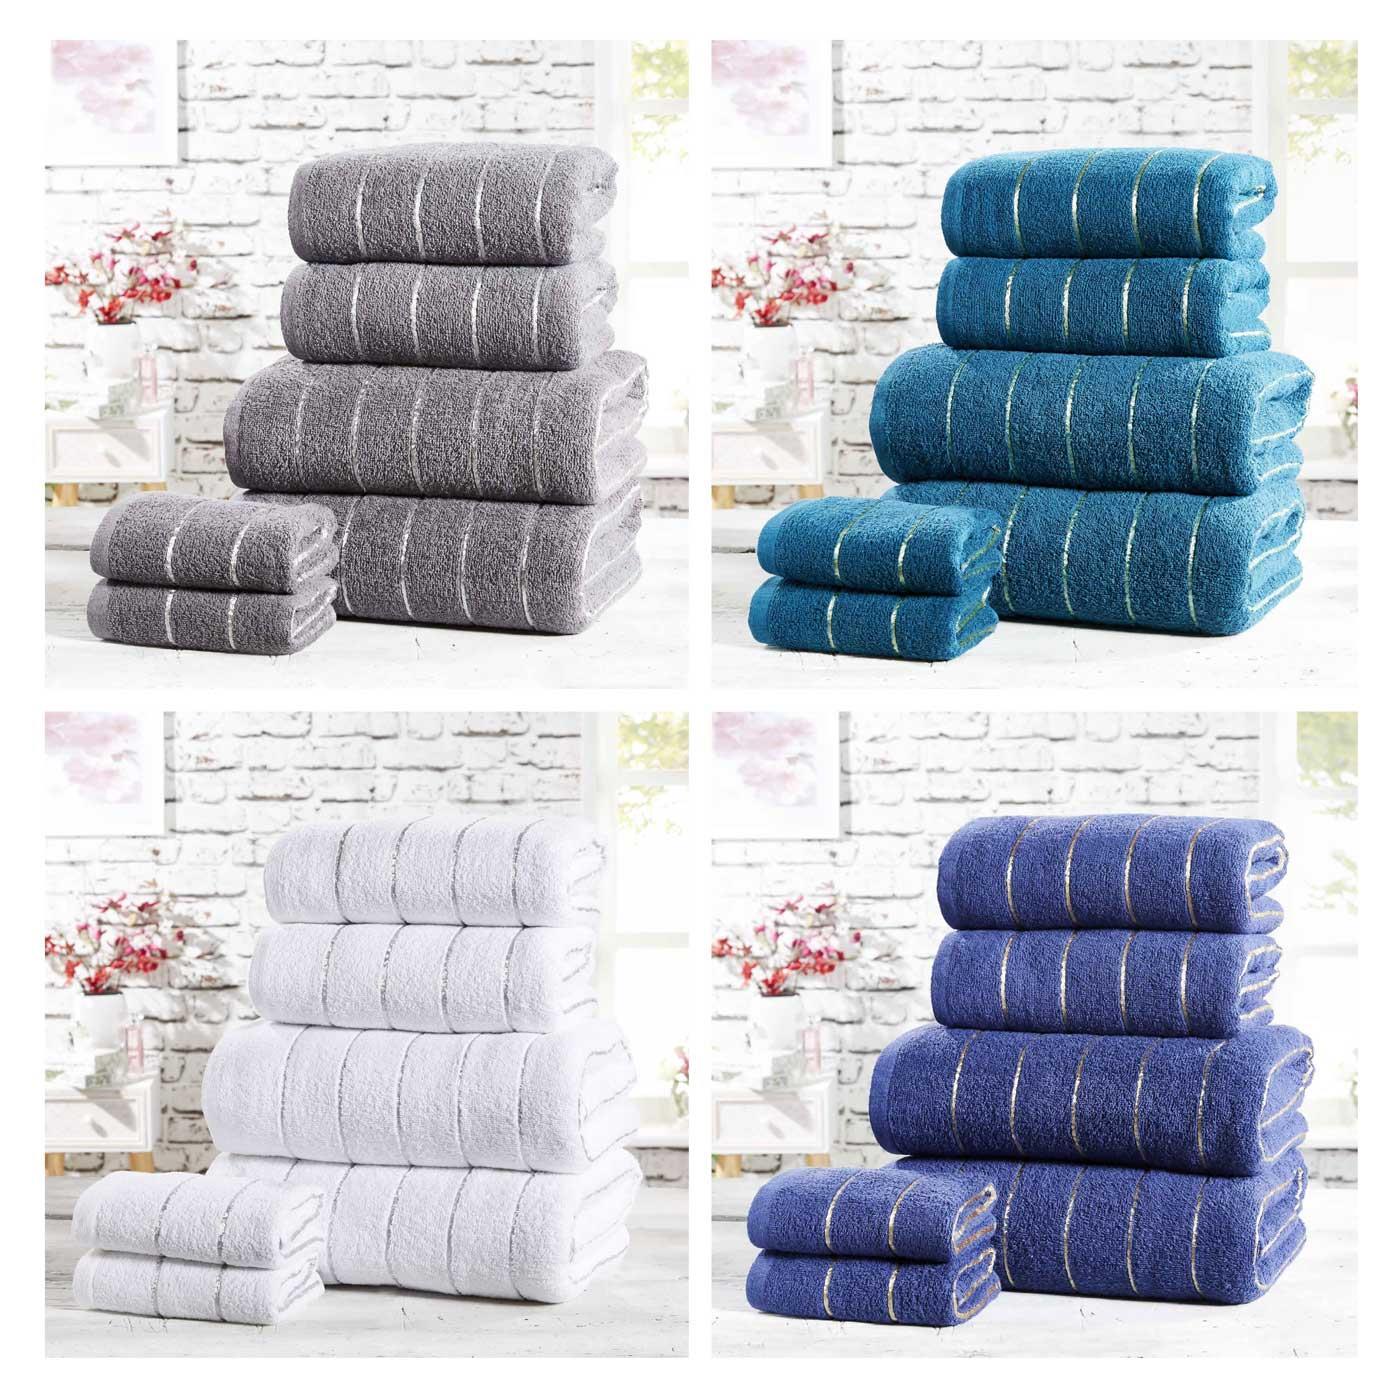 Sandringham Towel Bale 2 and 6 Piece Sets 100/% Cotton